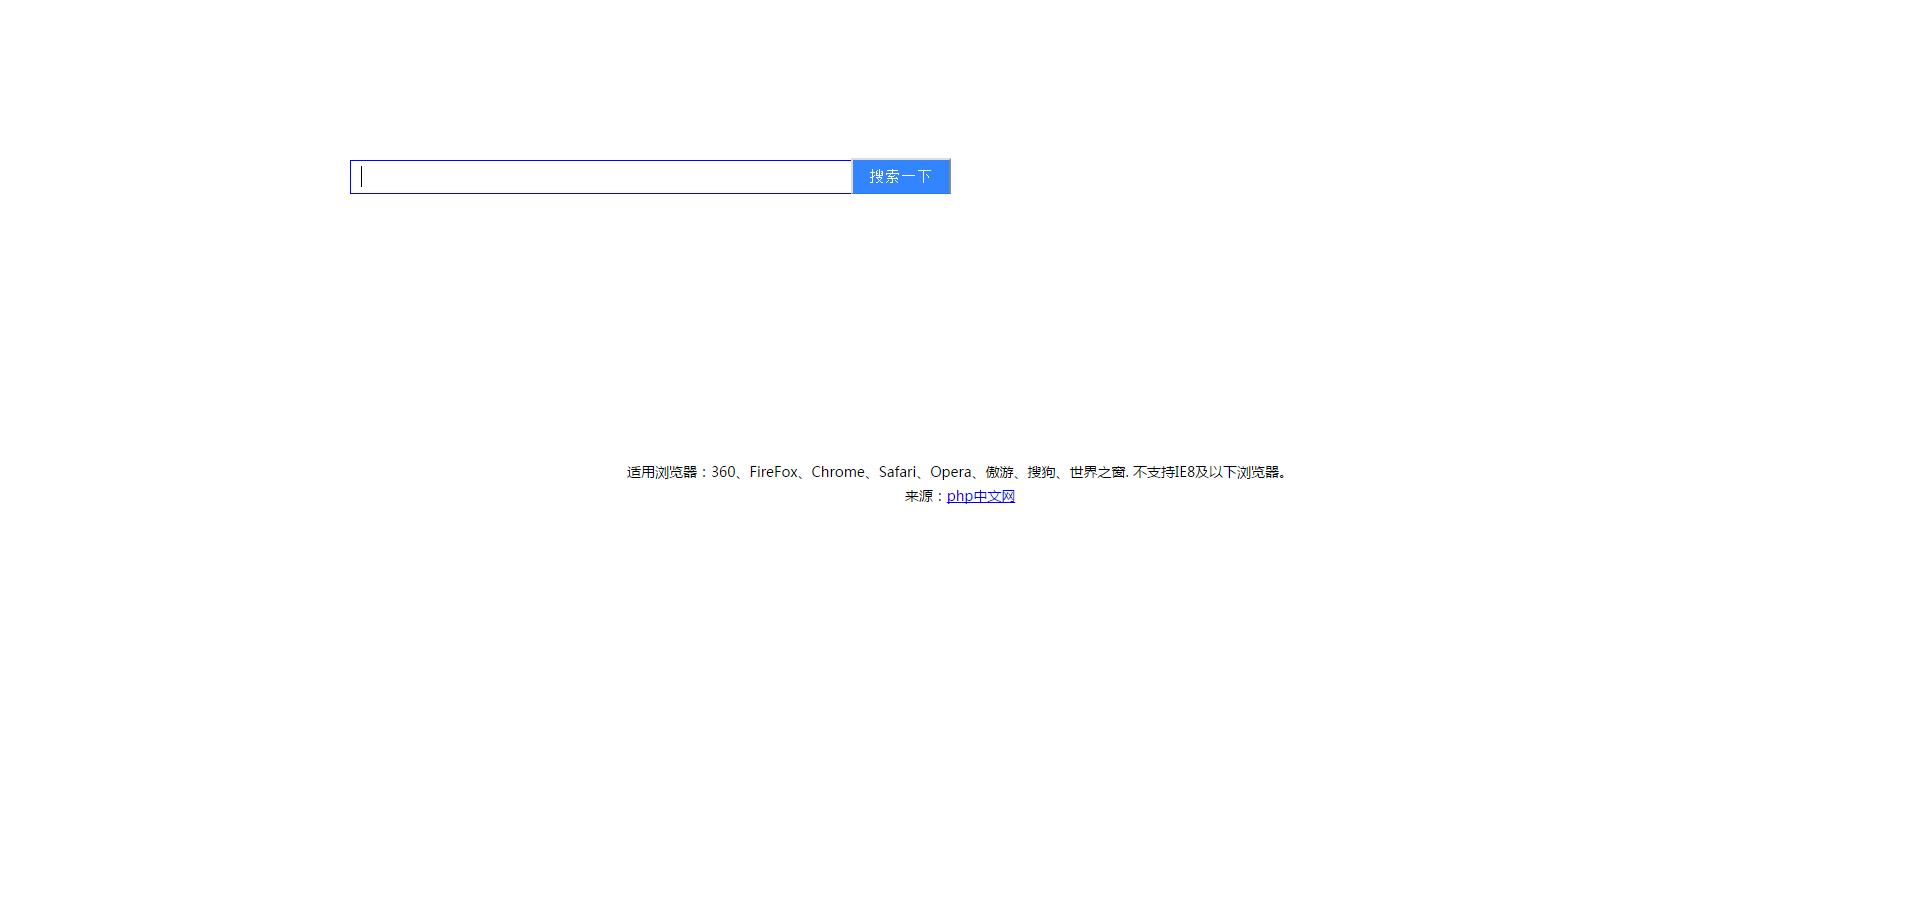 JS百度搜索框聯想詞提示代碼